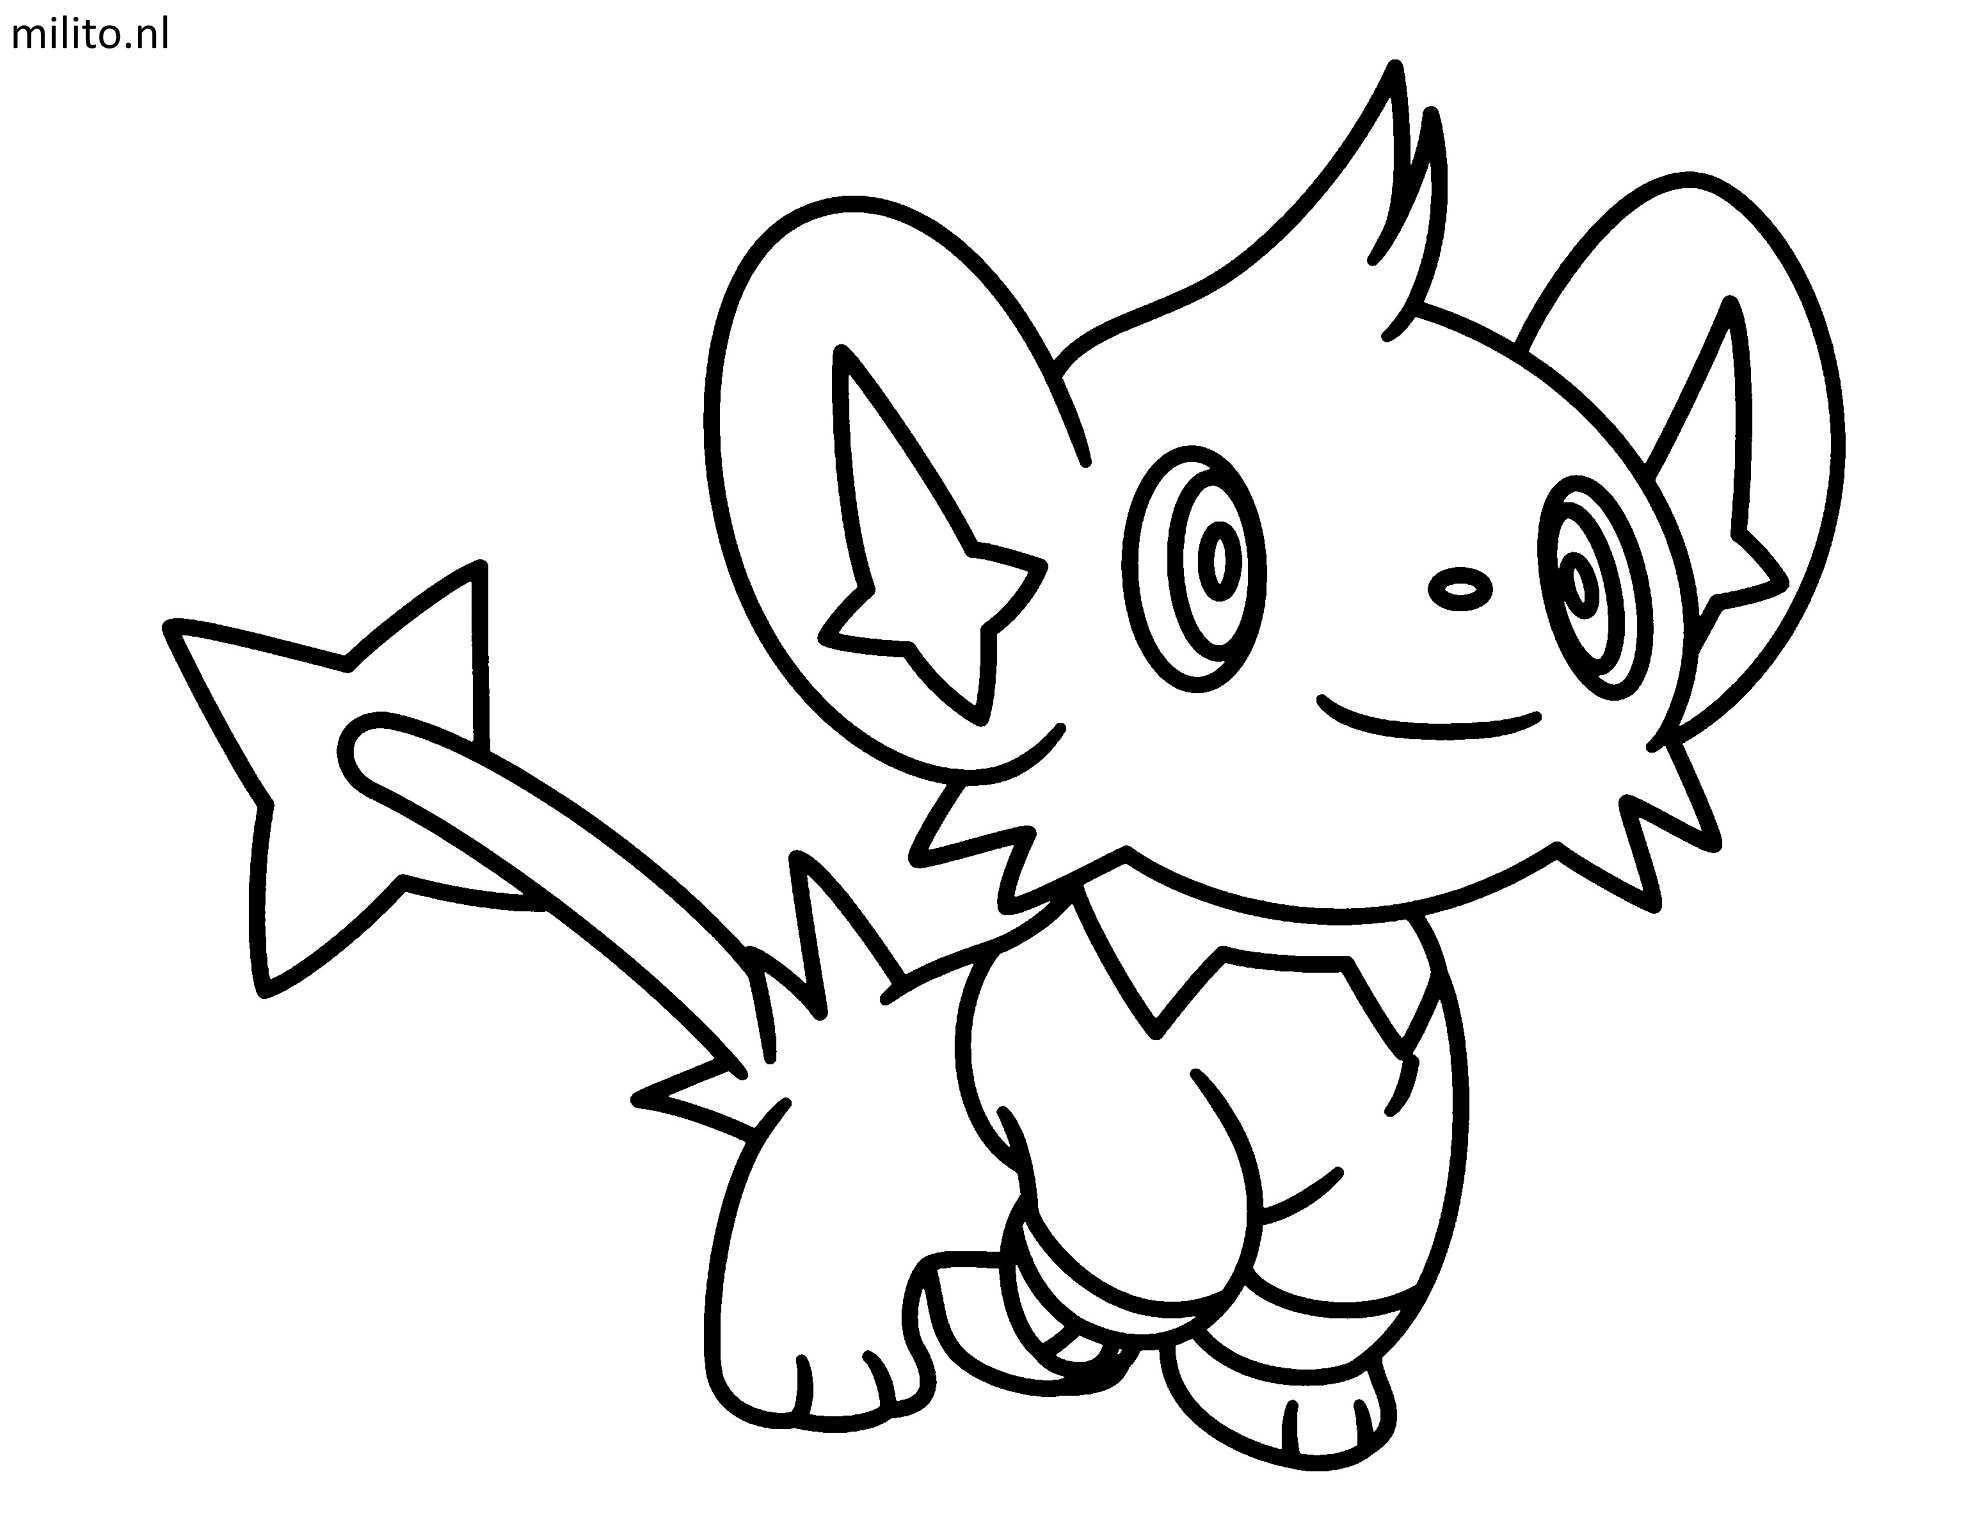 Kleurplaat Pokemon Shinx De Mooiste Kleurplaten Milito Nl